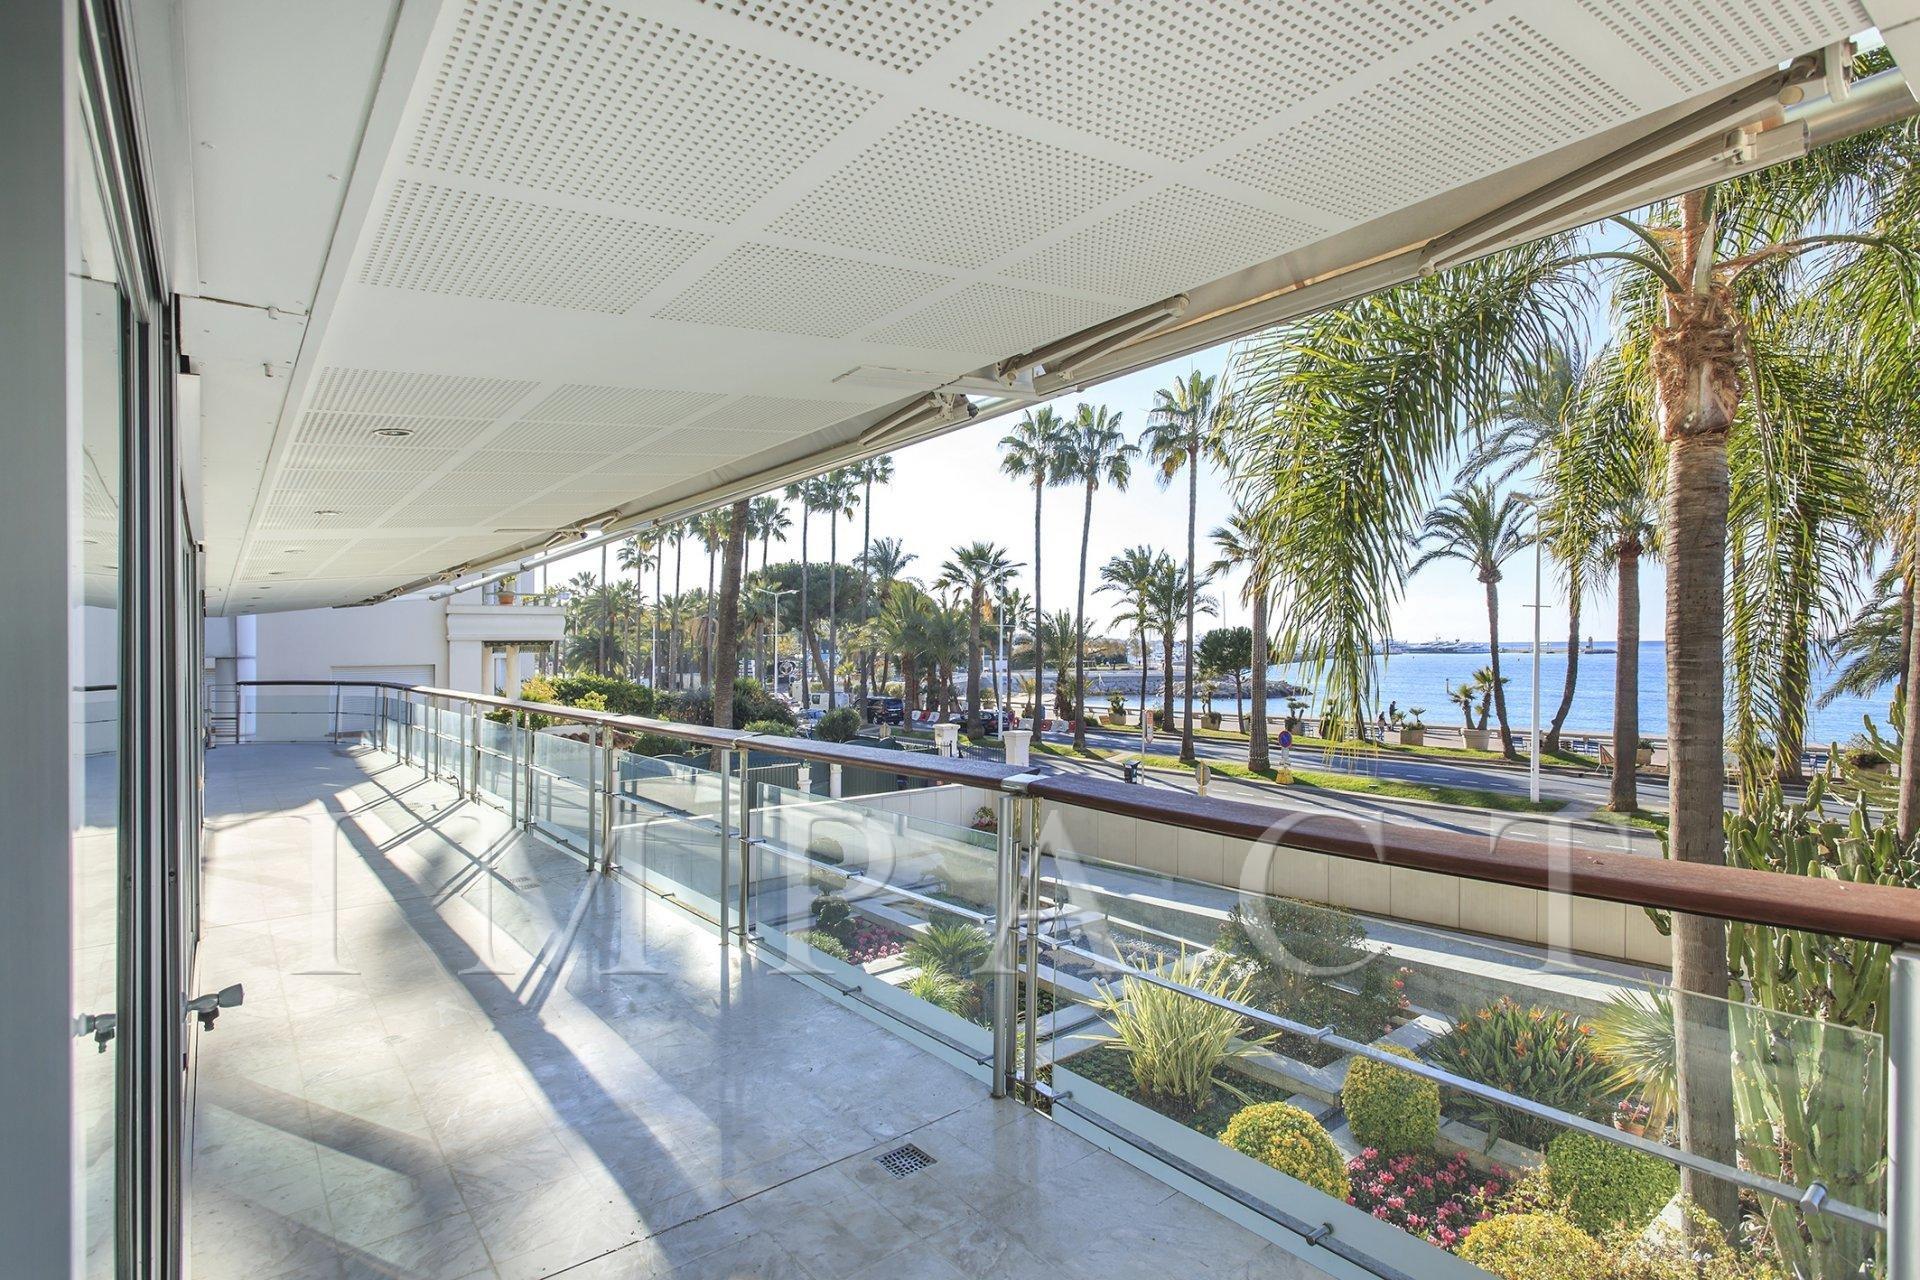 Appartement Location Saisonnière Cannes Croisette